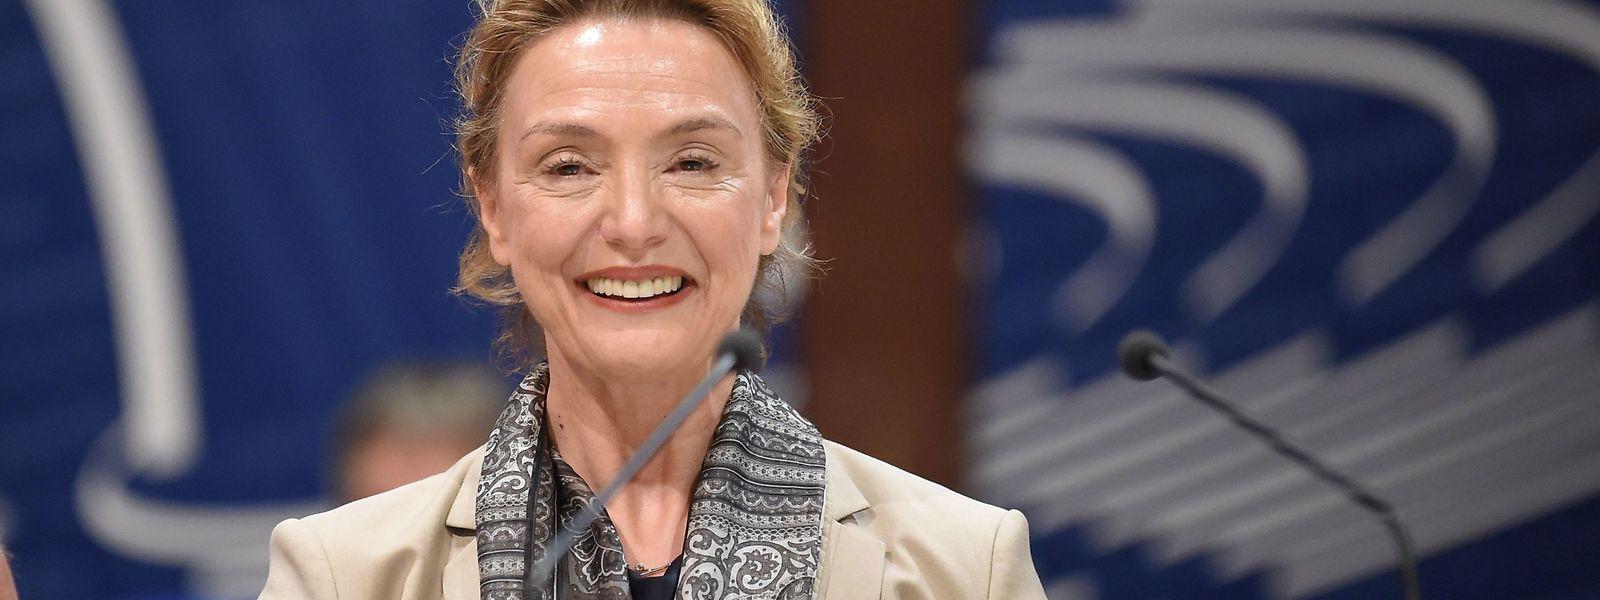 Die kroatische Außenministerin Marija Pejcinovic Buric freute sich über ihr neues Amt als Generalsekretärin des Europarats.